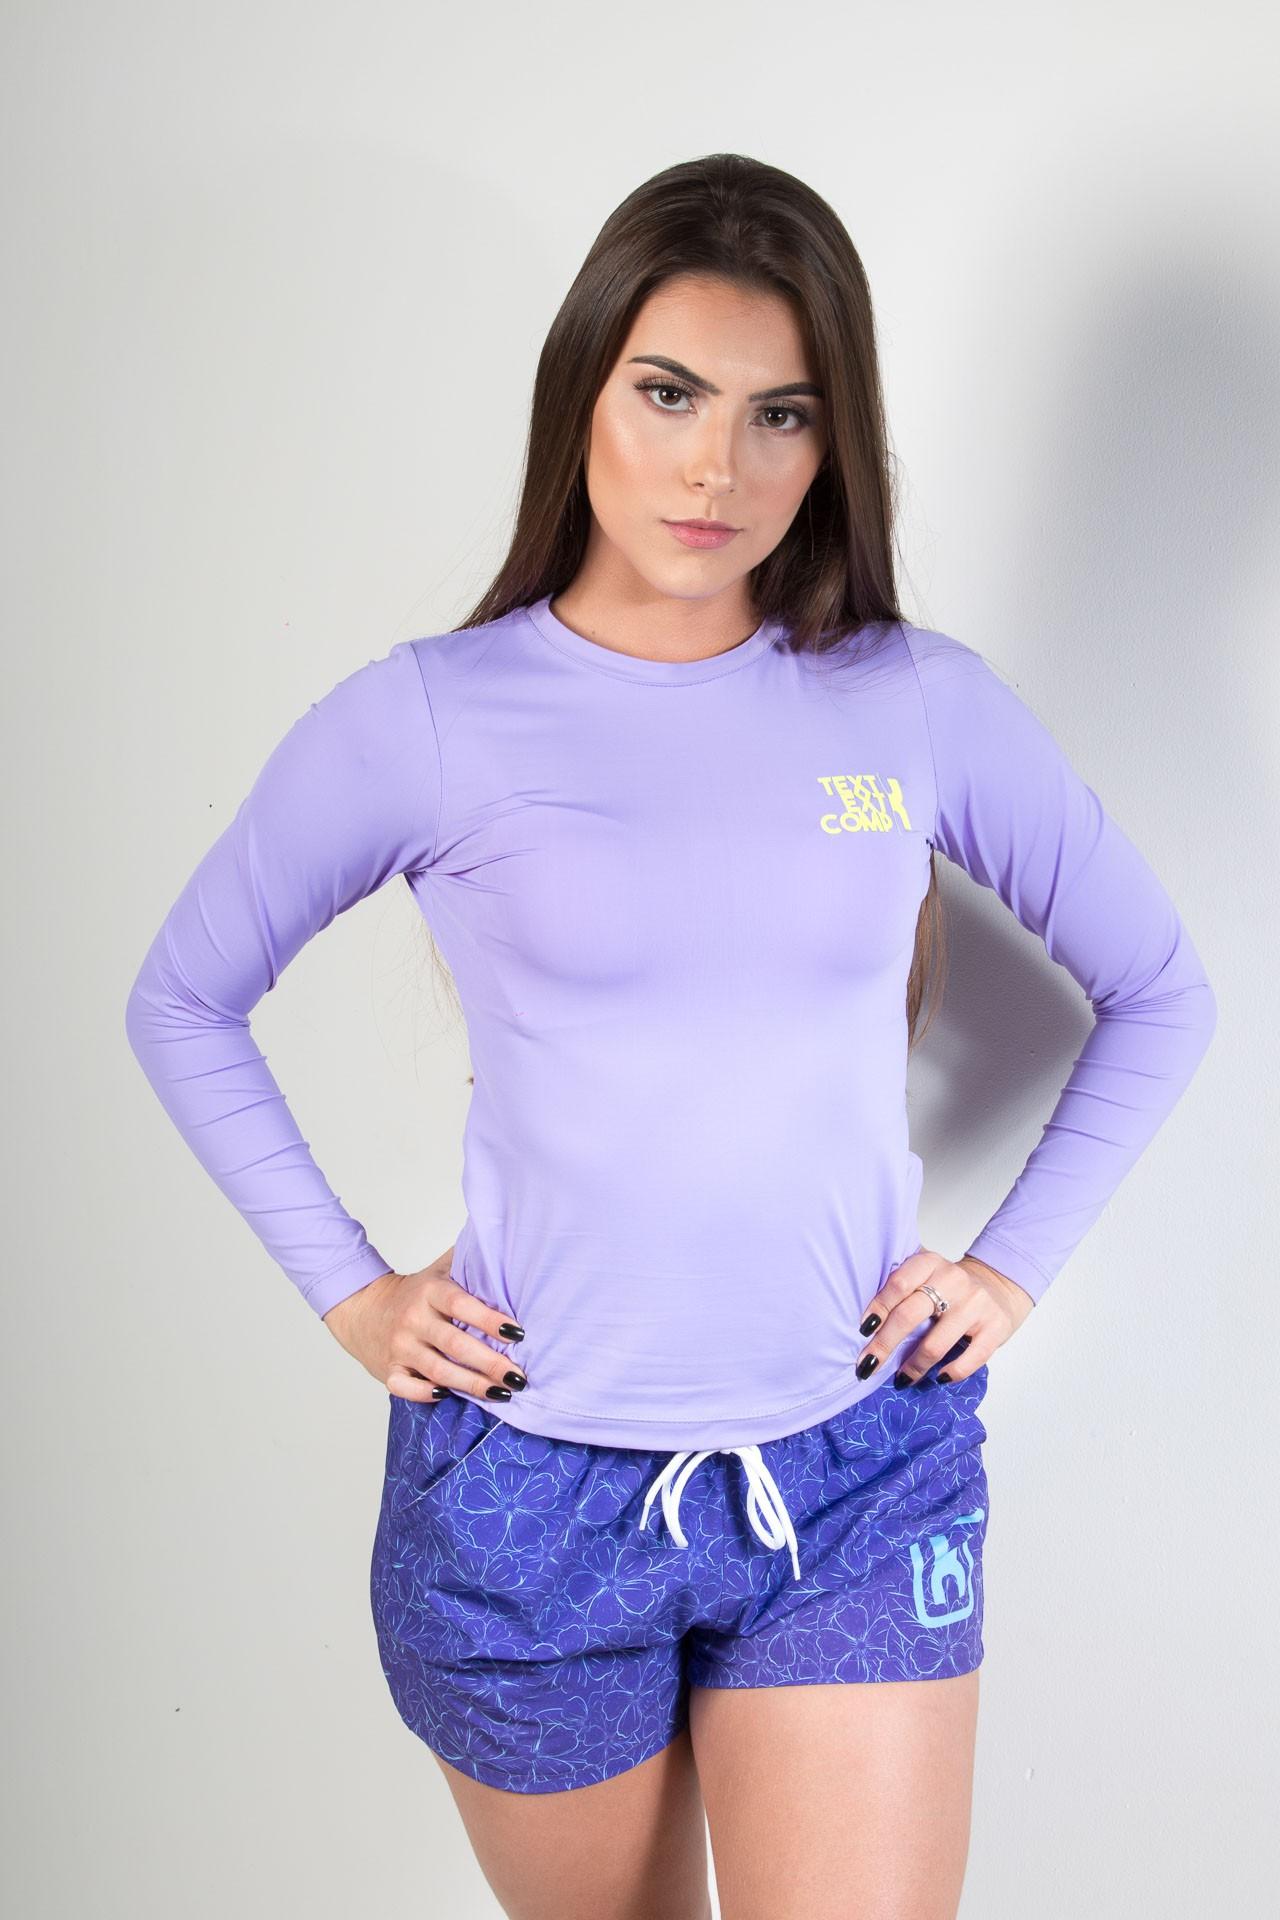 Camiseta TXC Brand UV 4484